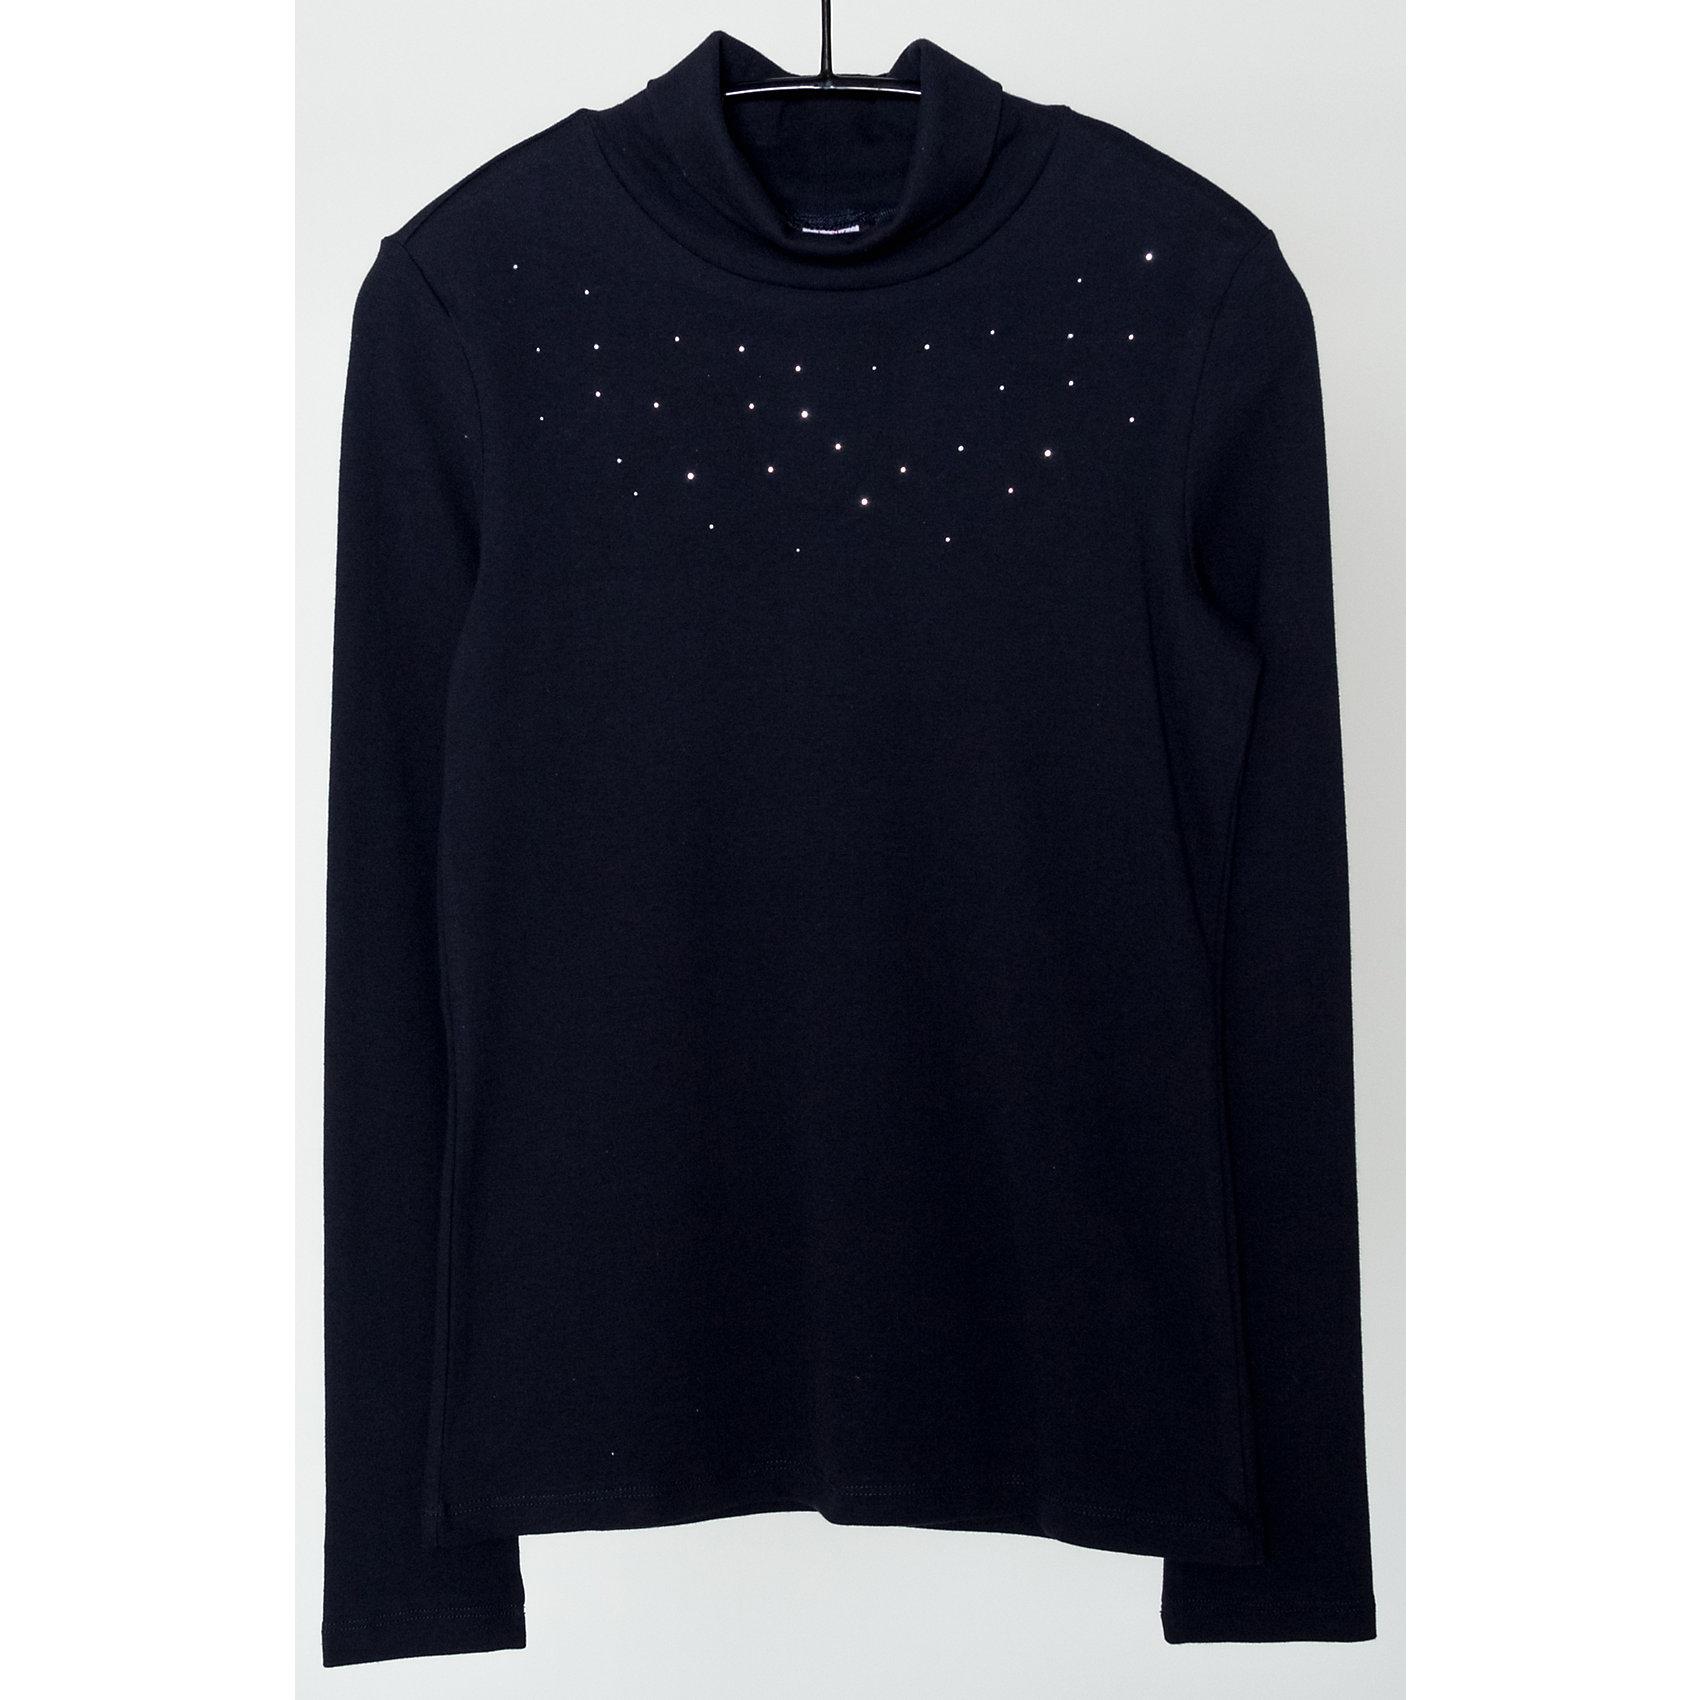 Водолазка для девочки SELAВодолазки<br>Водолазка для девочки из коллекции осень-зима 2016-2017 от известного бренда SELA. Удобный хлопковый джемпер на каждый день. Приятный темно-синий цвет в сочетании с классическим дизайном и мелкими стразами придет по вкусу вашей моднице. Джемпер отлично подойдет к юбкам и брюкам, а также к джинсам.<br><br>Дополнительная информация:<br>- Рукав: длинный<br>- Силуэт: полуприлегающий<br>Состав: 95% хлопок 5% эластан<br><br>Джемпер для девочек Sela можно купить в нашем интернет-магазине.<br><br>Подробнее:<br>• Для детей в возрасте: от 6 до12 лет<br>• Номер товара: 4913539<br>Страна производитель: Китай<br><br>Ширина мм: 190<br>Глубина мм: 74<br>Высота мм: 229<br>Вес г: 236<br>Цвет: синий<br>Возраст от месяцев: 156<br>Возраст до месяцев: 168<br>Пол: Женский<br>Возраст: Детский<br>Размер: 164,158,152,170<br>SKU: 4913538